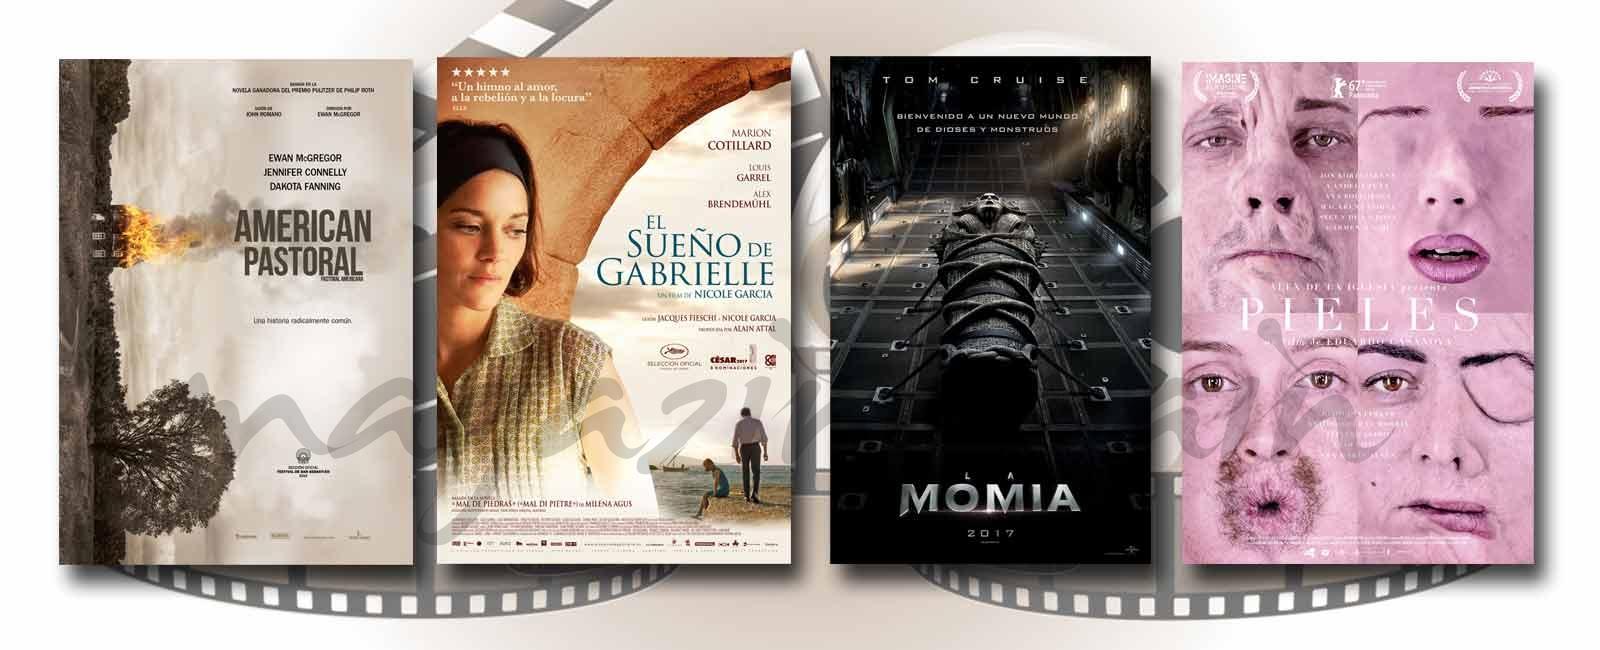 Estrenos de Cine de la Semana… 9 de Junio 2017